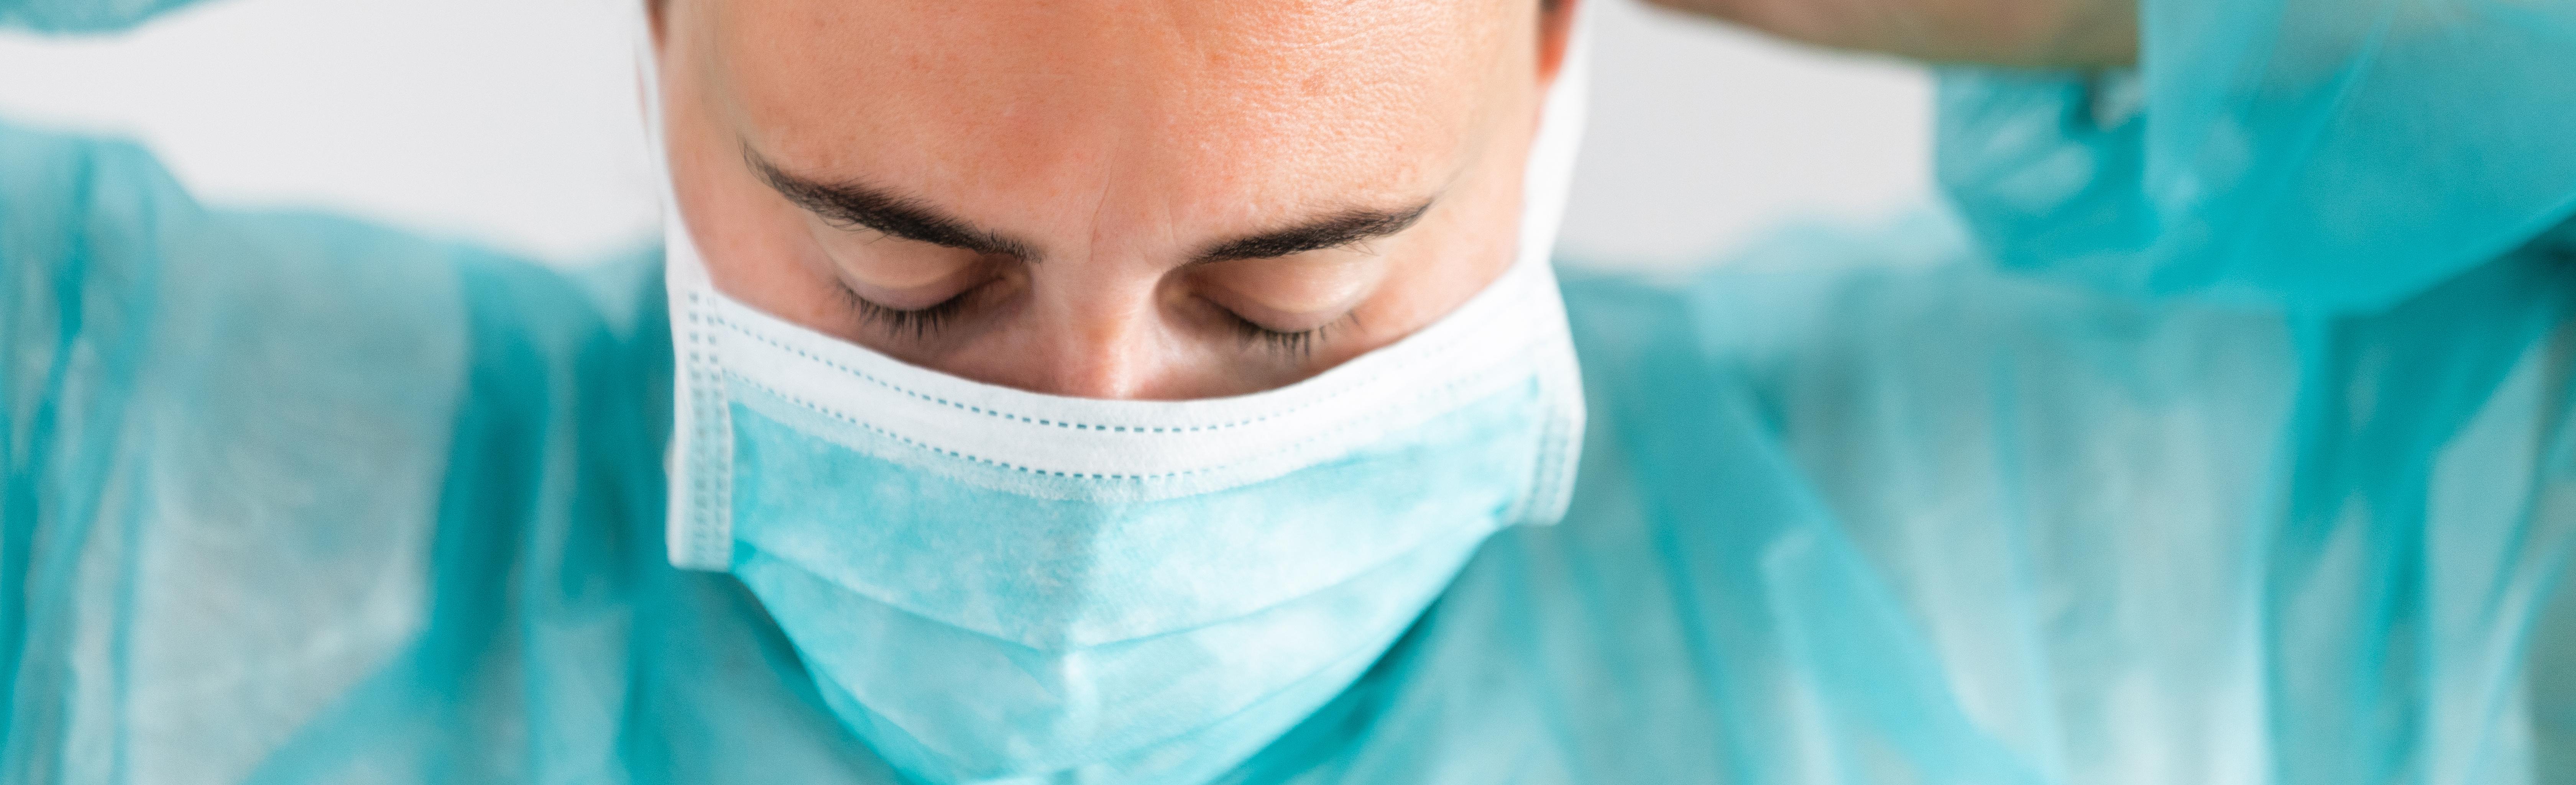 Des progrès remarquables ont été accomplis par les équipes médicales et paramédicales, en peu de temps pour lutter contre la maladie (Visuel Adobe Stock 331272813)